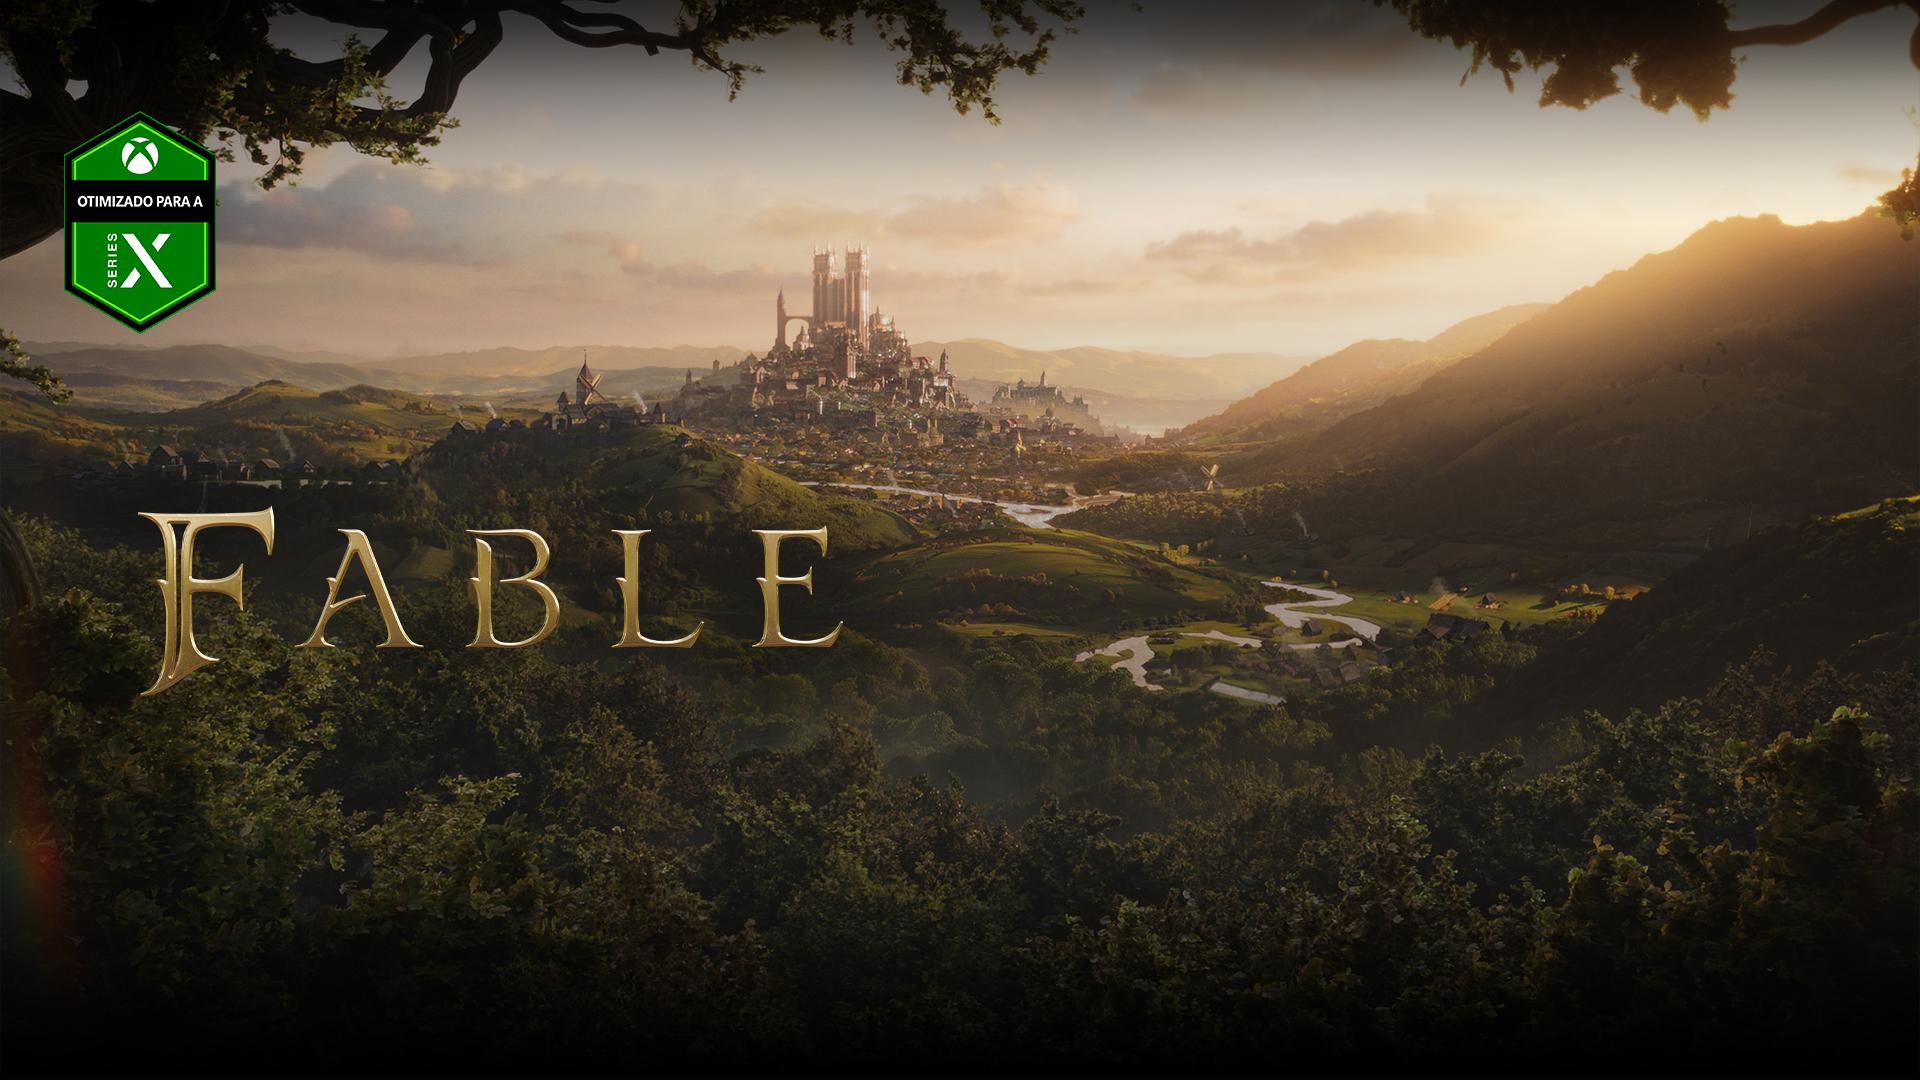 Logótipo de otimizado para a Xbox Series X, Fable, uma cidade além de uma floresta e vales